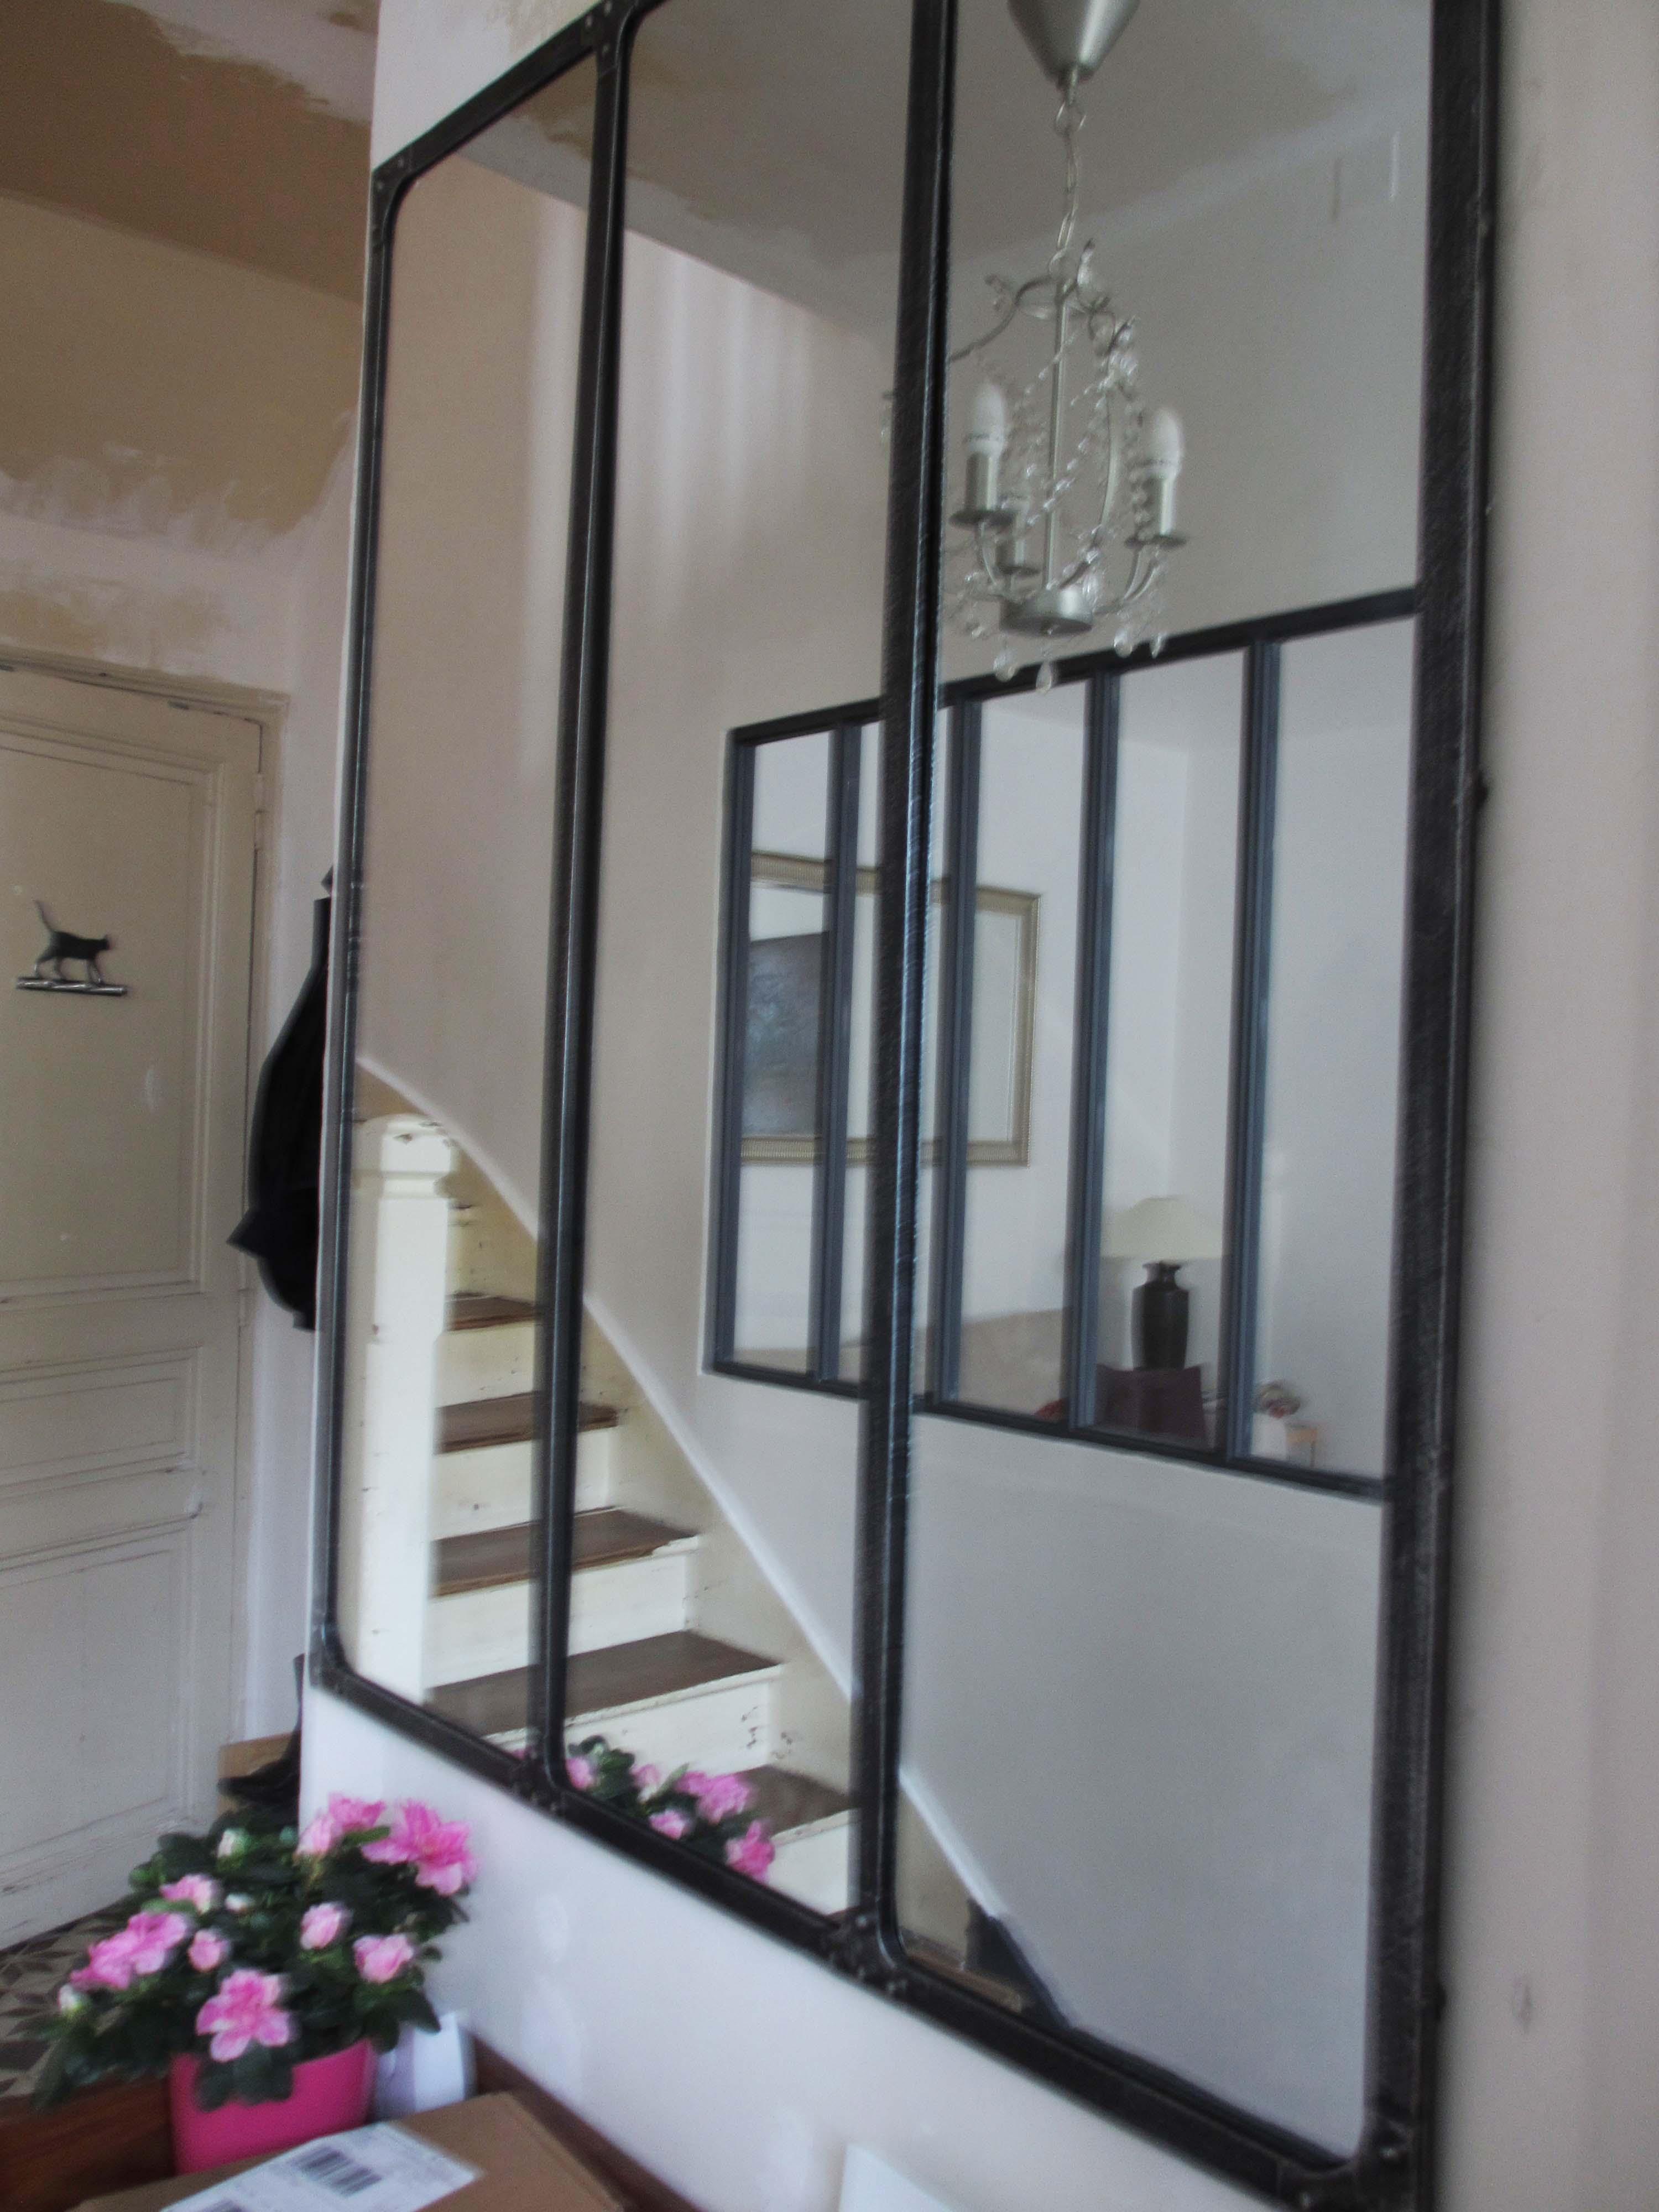 les travaux et on a remis a cr ation d une baie vitr e int rieure dans le salon panier de. Black Bedroom Furniture Sets. Home Design Ideas